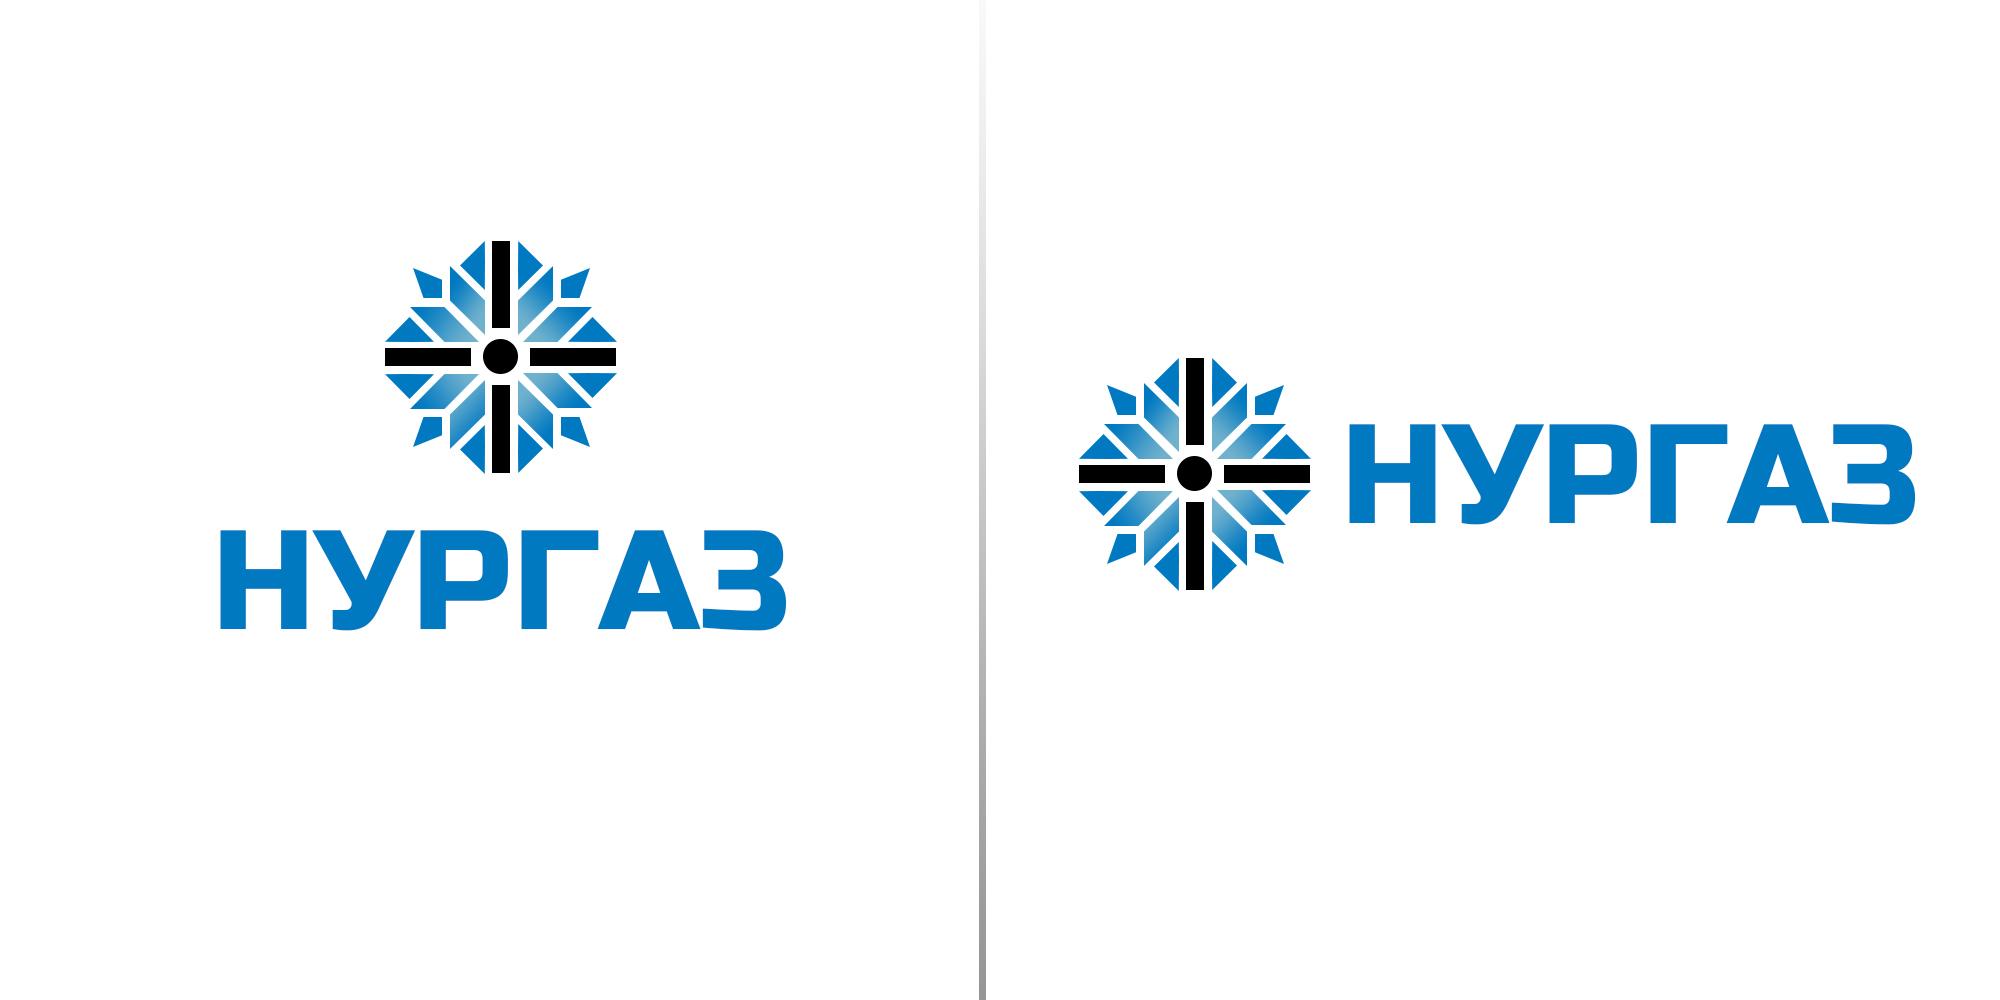 Разработка логотипа и фирменного стиля фото f_2675d9a15a1ac656.jpg